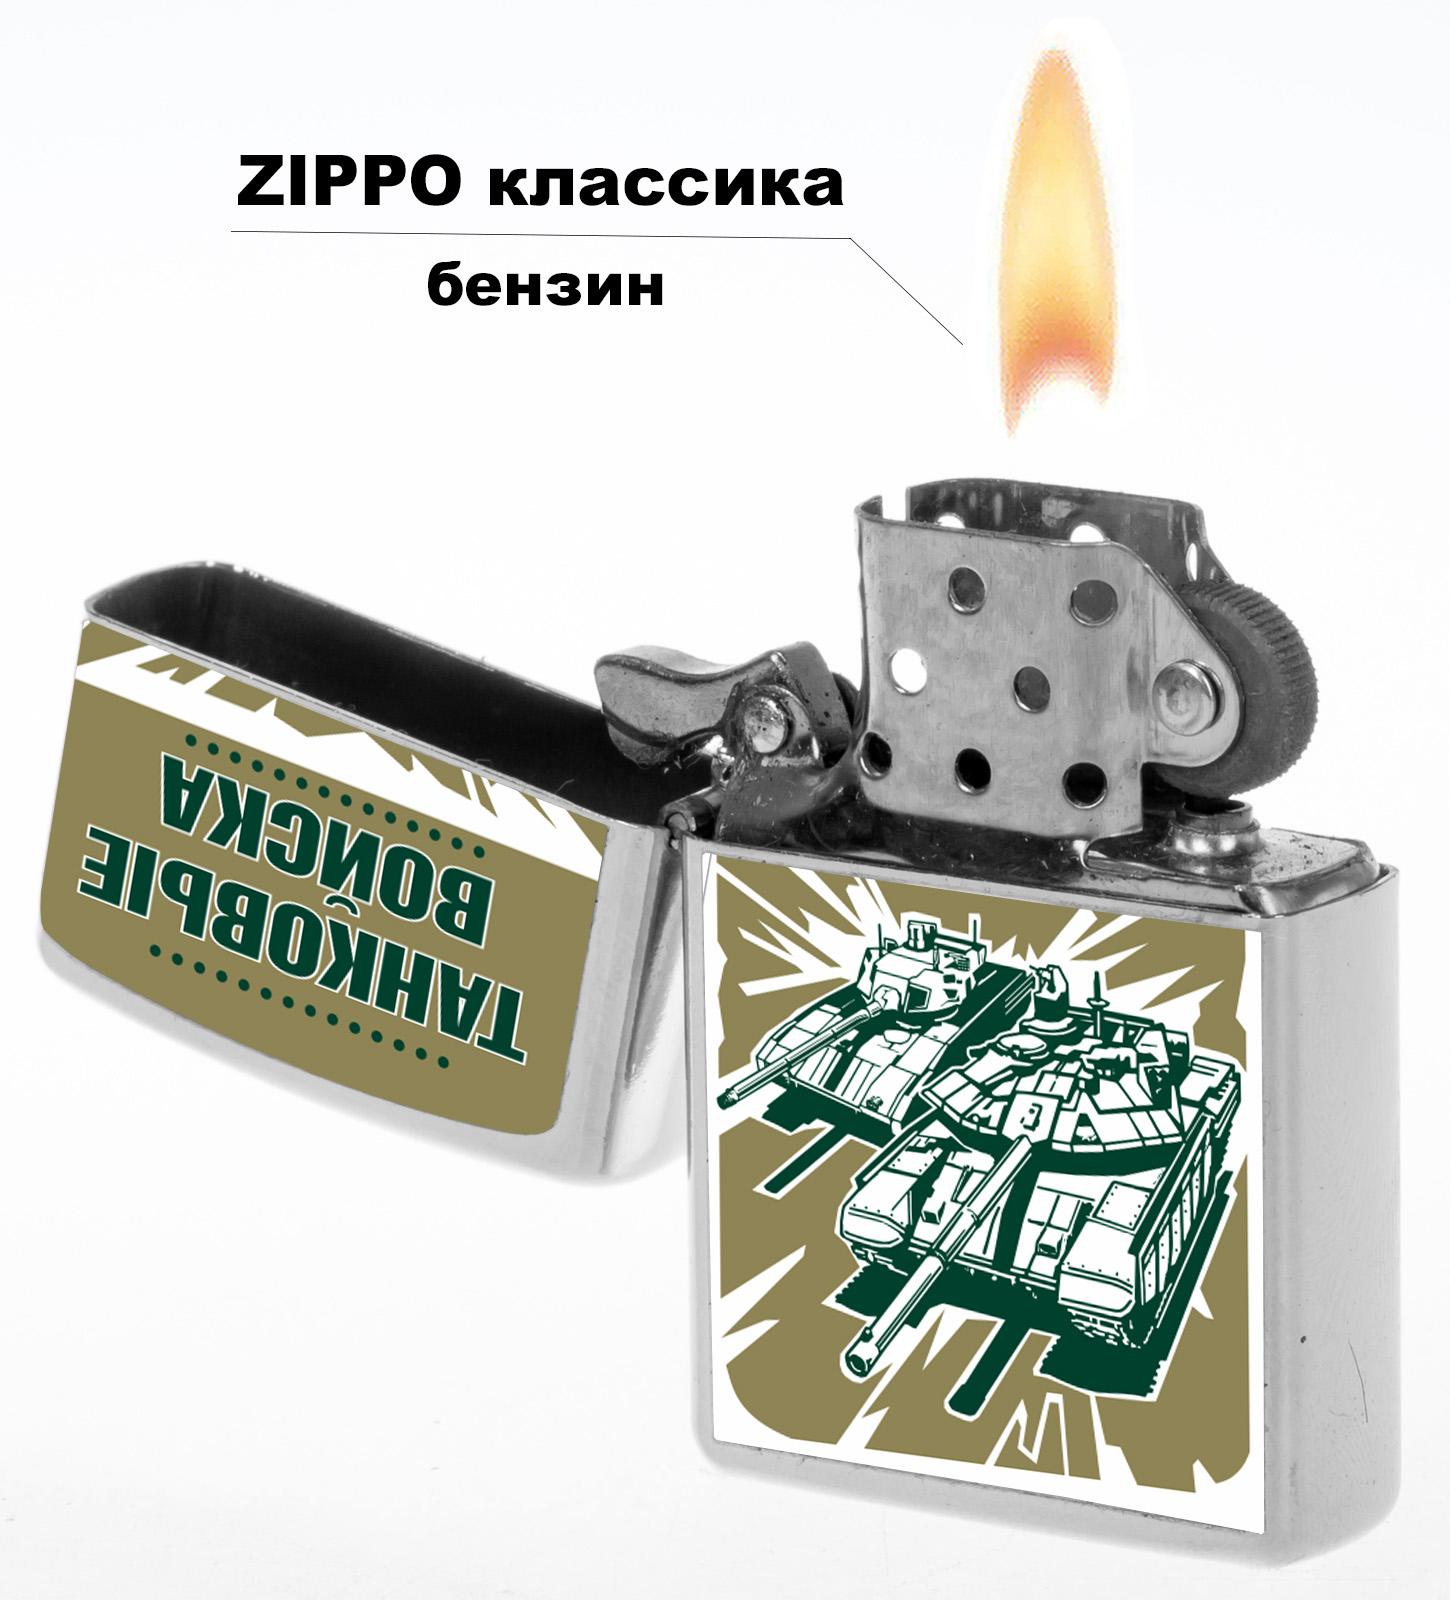 Зажигалка Танковые войска купить в розницу или оптом